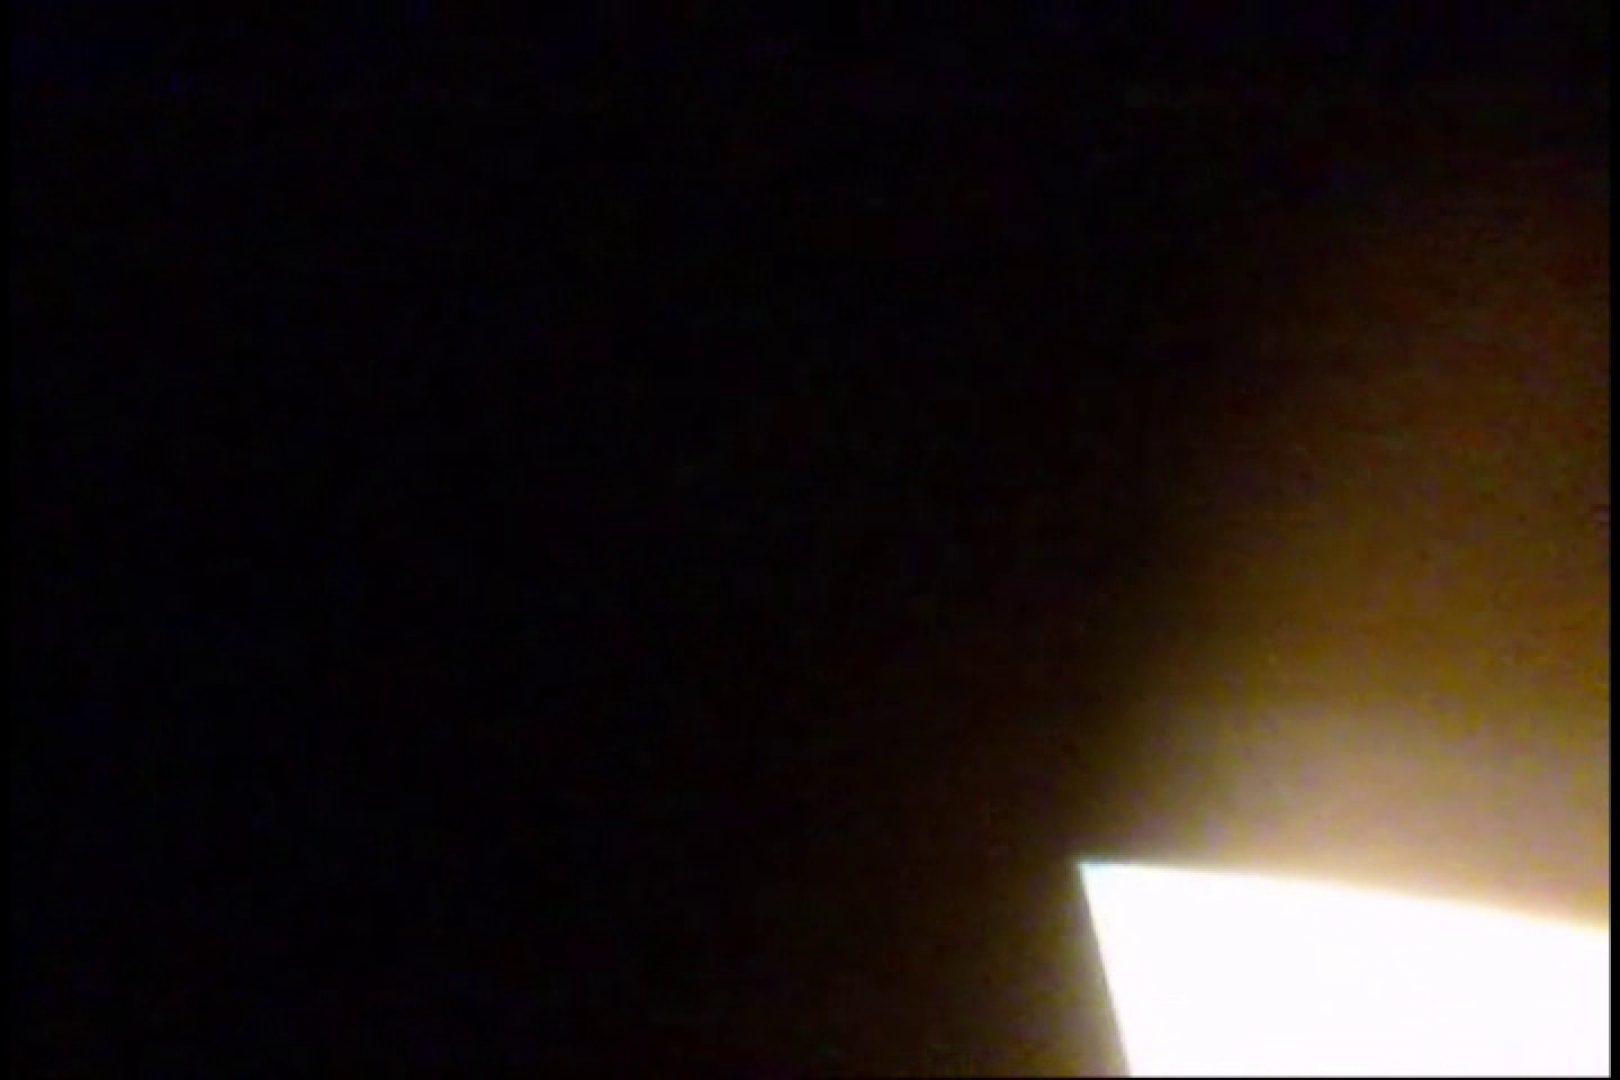 画質向上!新亀さん厠 vol.53 無修正マンコ 盗撮戯れ無修正画像 103PICs 27